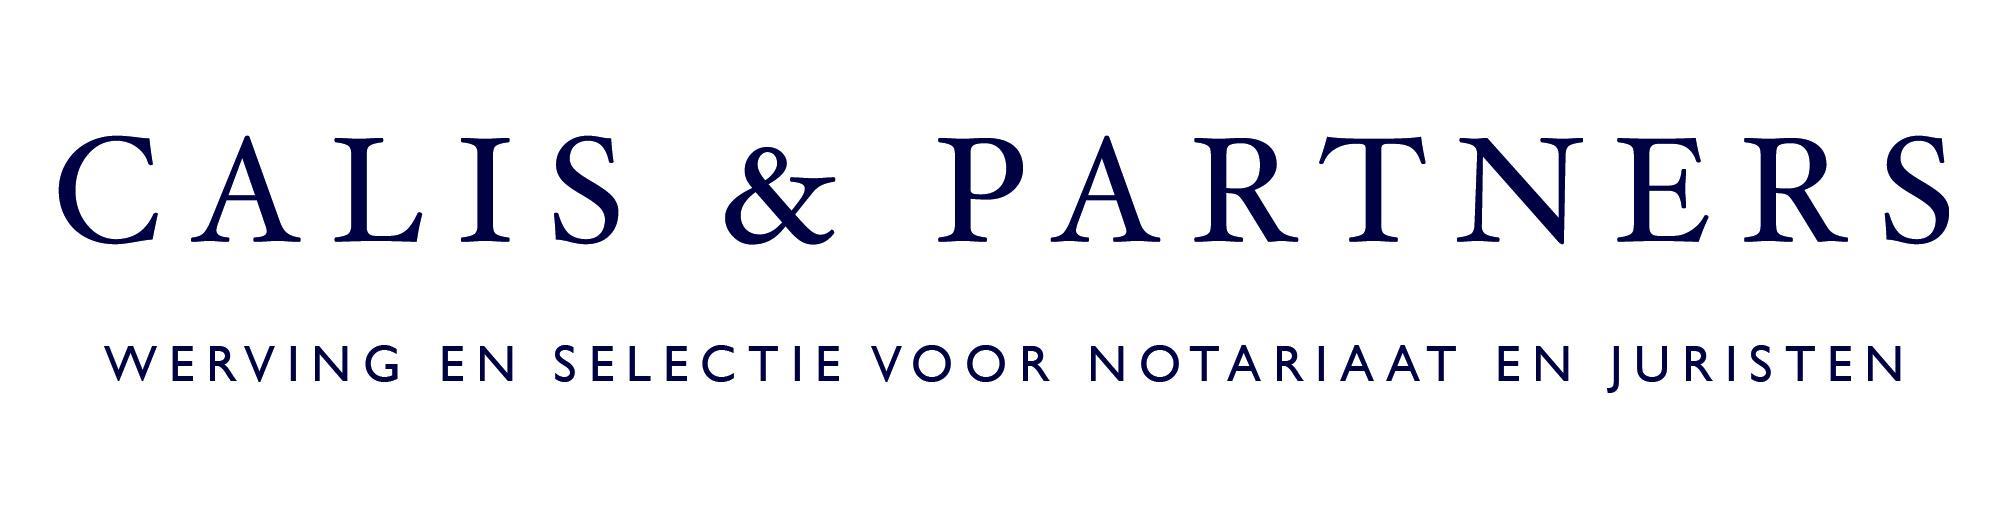 ** Senior kandidaat notaris ondernemingsrecht in Amsterdam